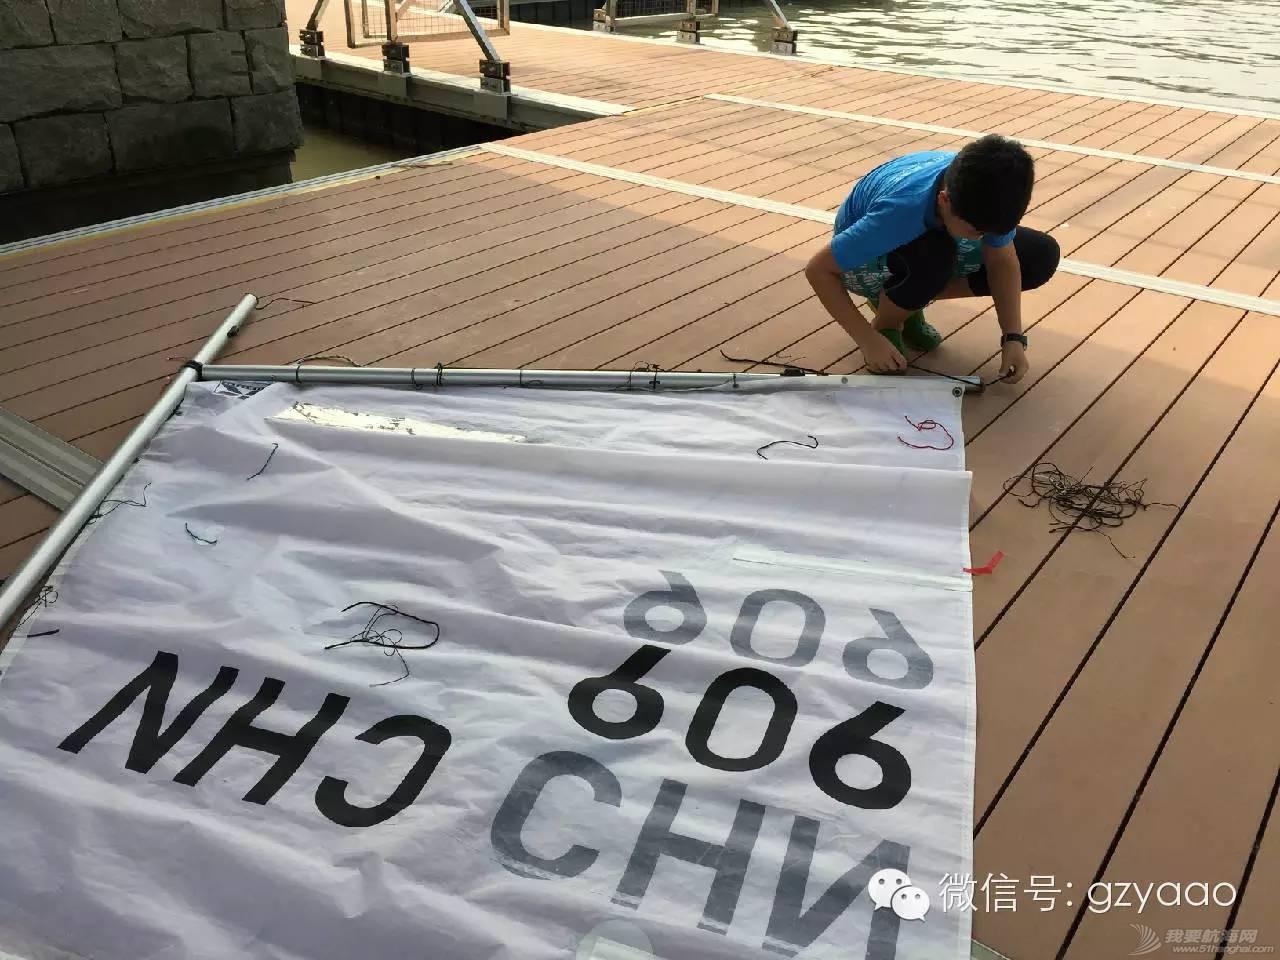 全国青少年帆船联赛(广州站)圆满结束,16支小队伍各展雄风(多图) fa6faedd29addc715062edefa657fc41.jpg